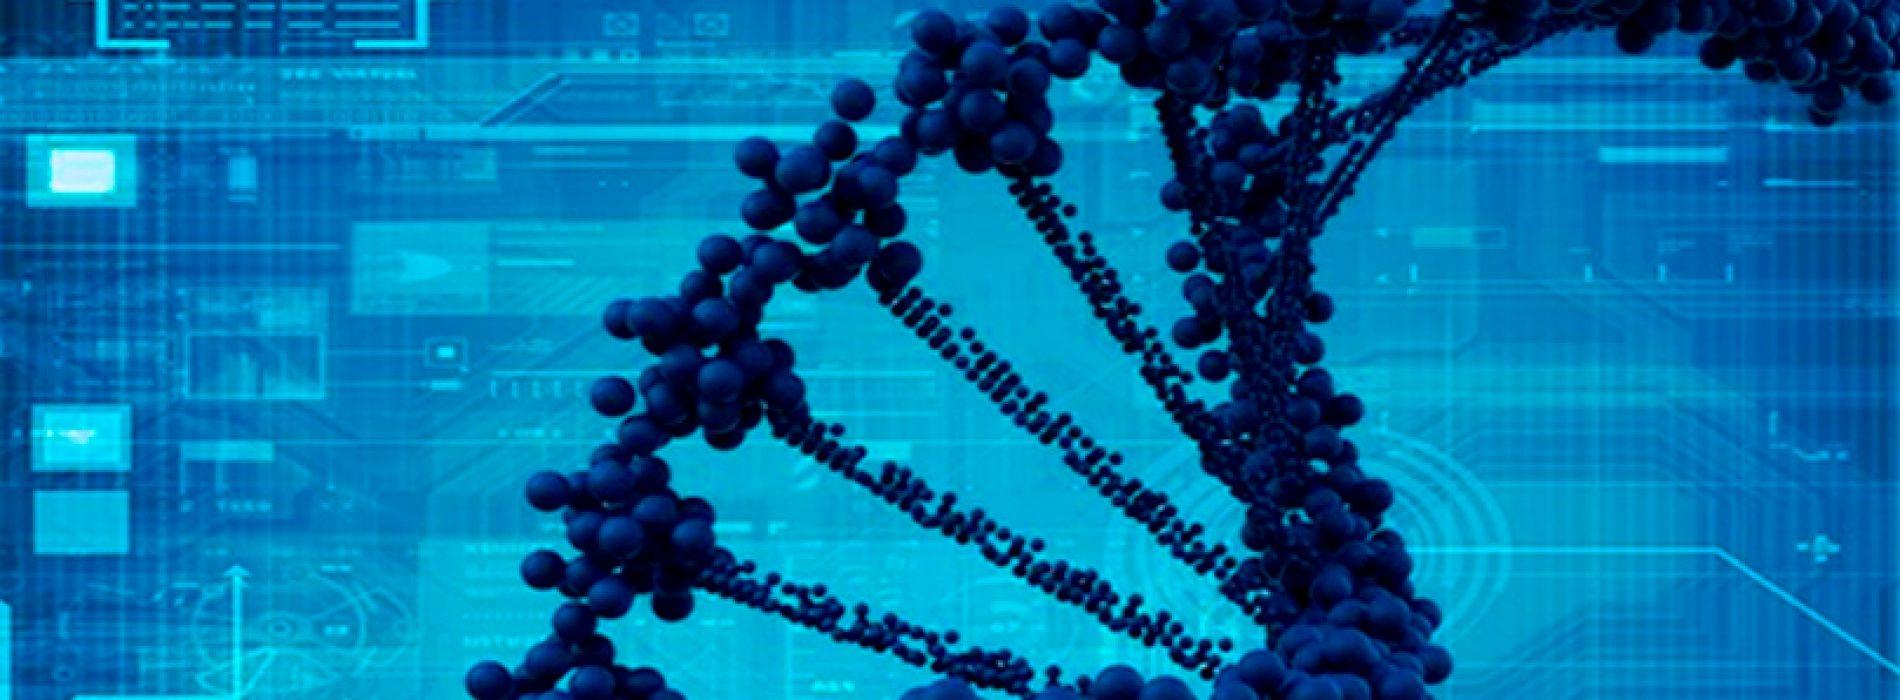 5ta Versión Taller de Bioinformática.  Intensivo en R/Bioconducor y Cytoscape